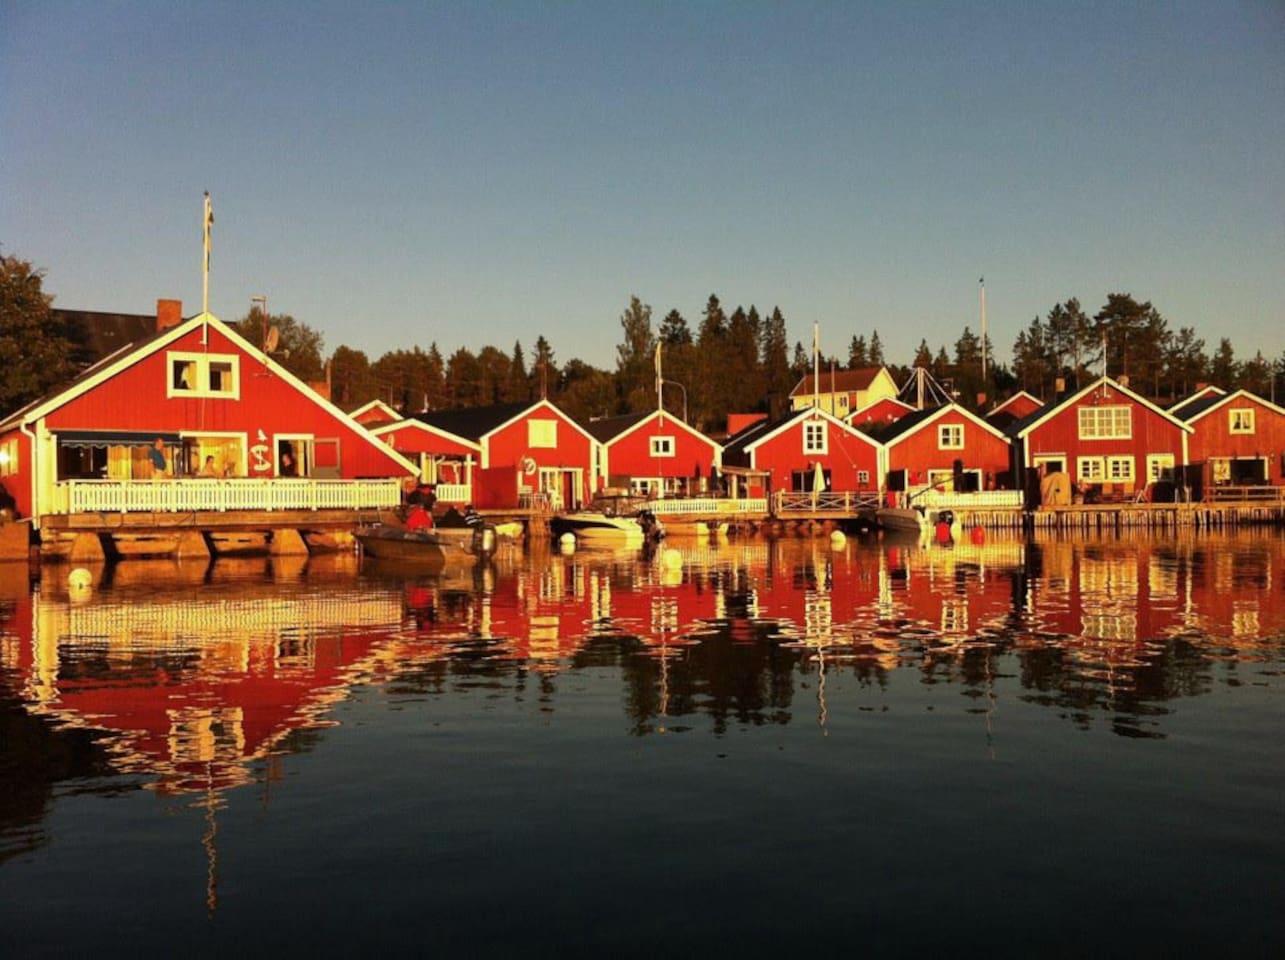 Sovrum Minsta Storlek : Topp semesterboenden semesterhus amp lägenheter i docksta